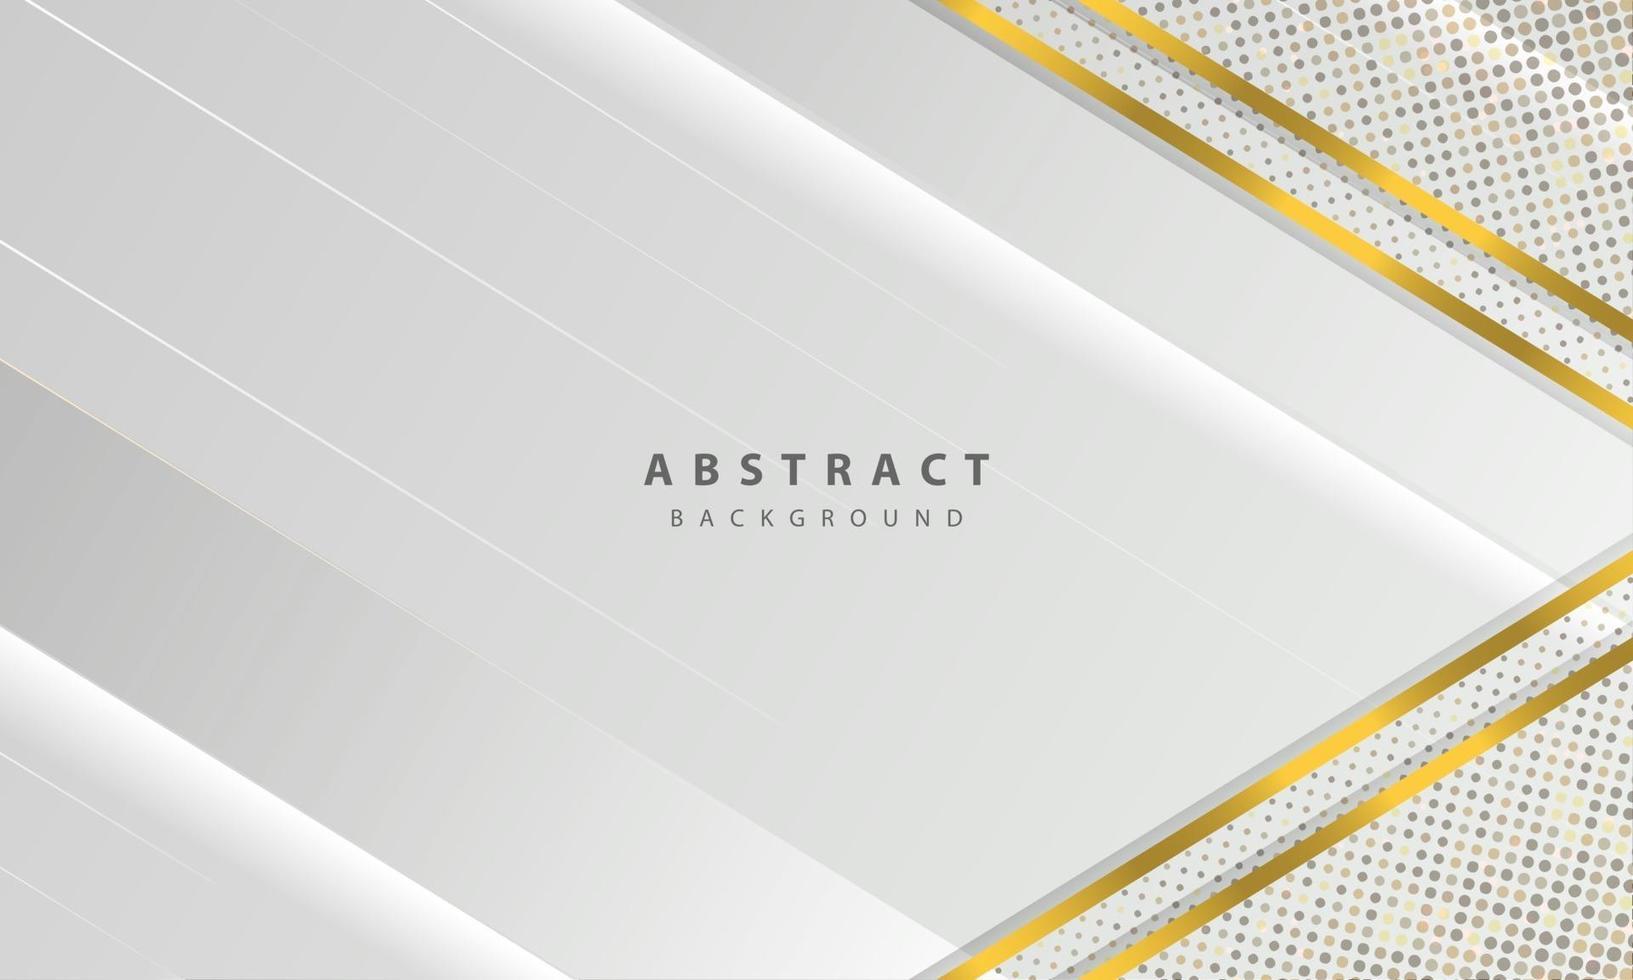 abstrakt vit bakgrundsvektor. elegant konceptdesignvektor. konsistens med silver glitter prickar element dekoration. vektor